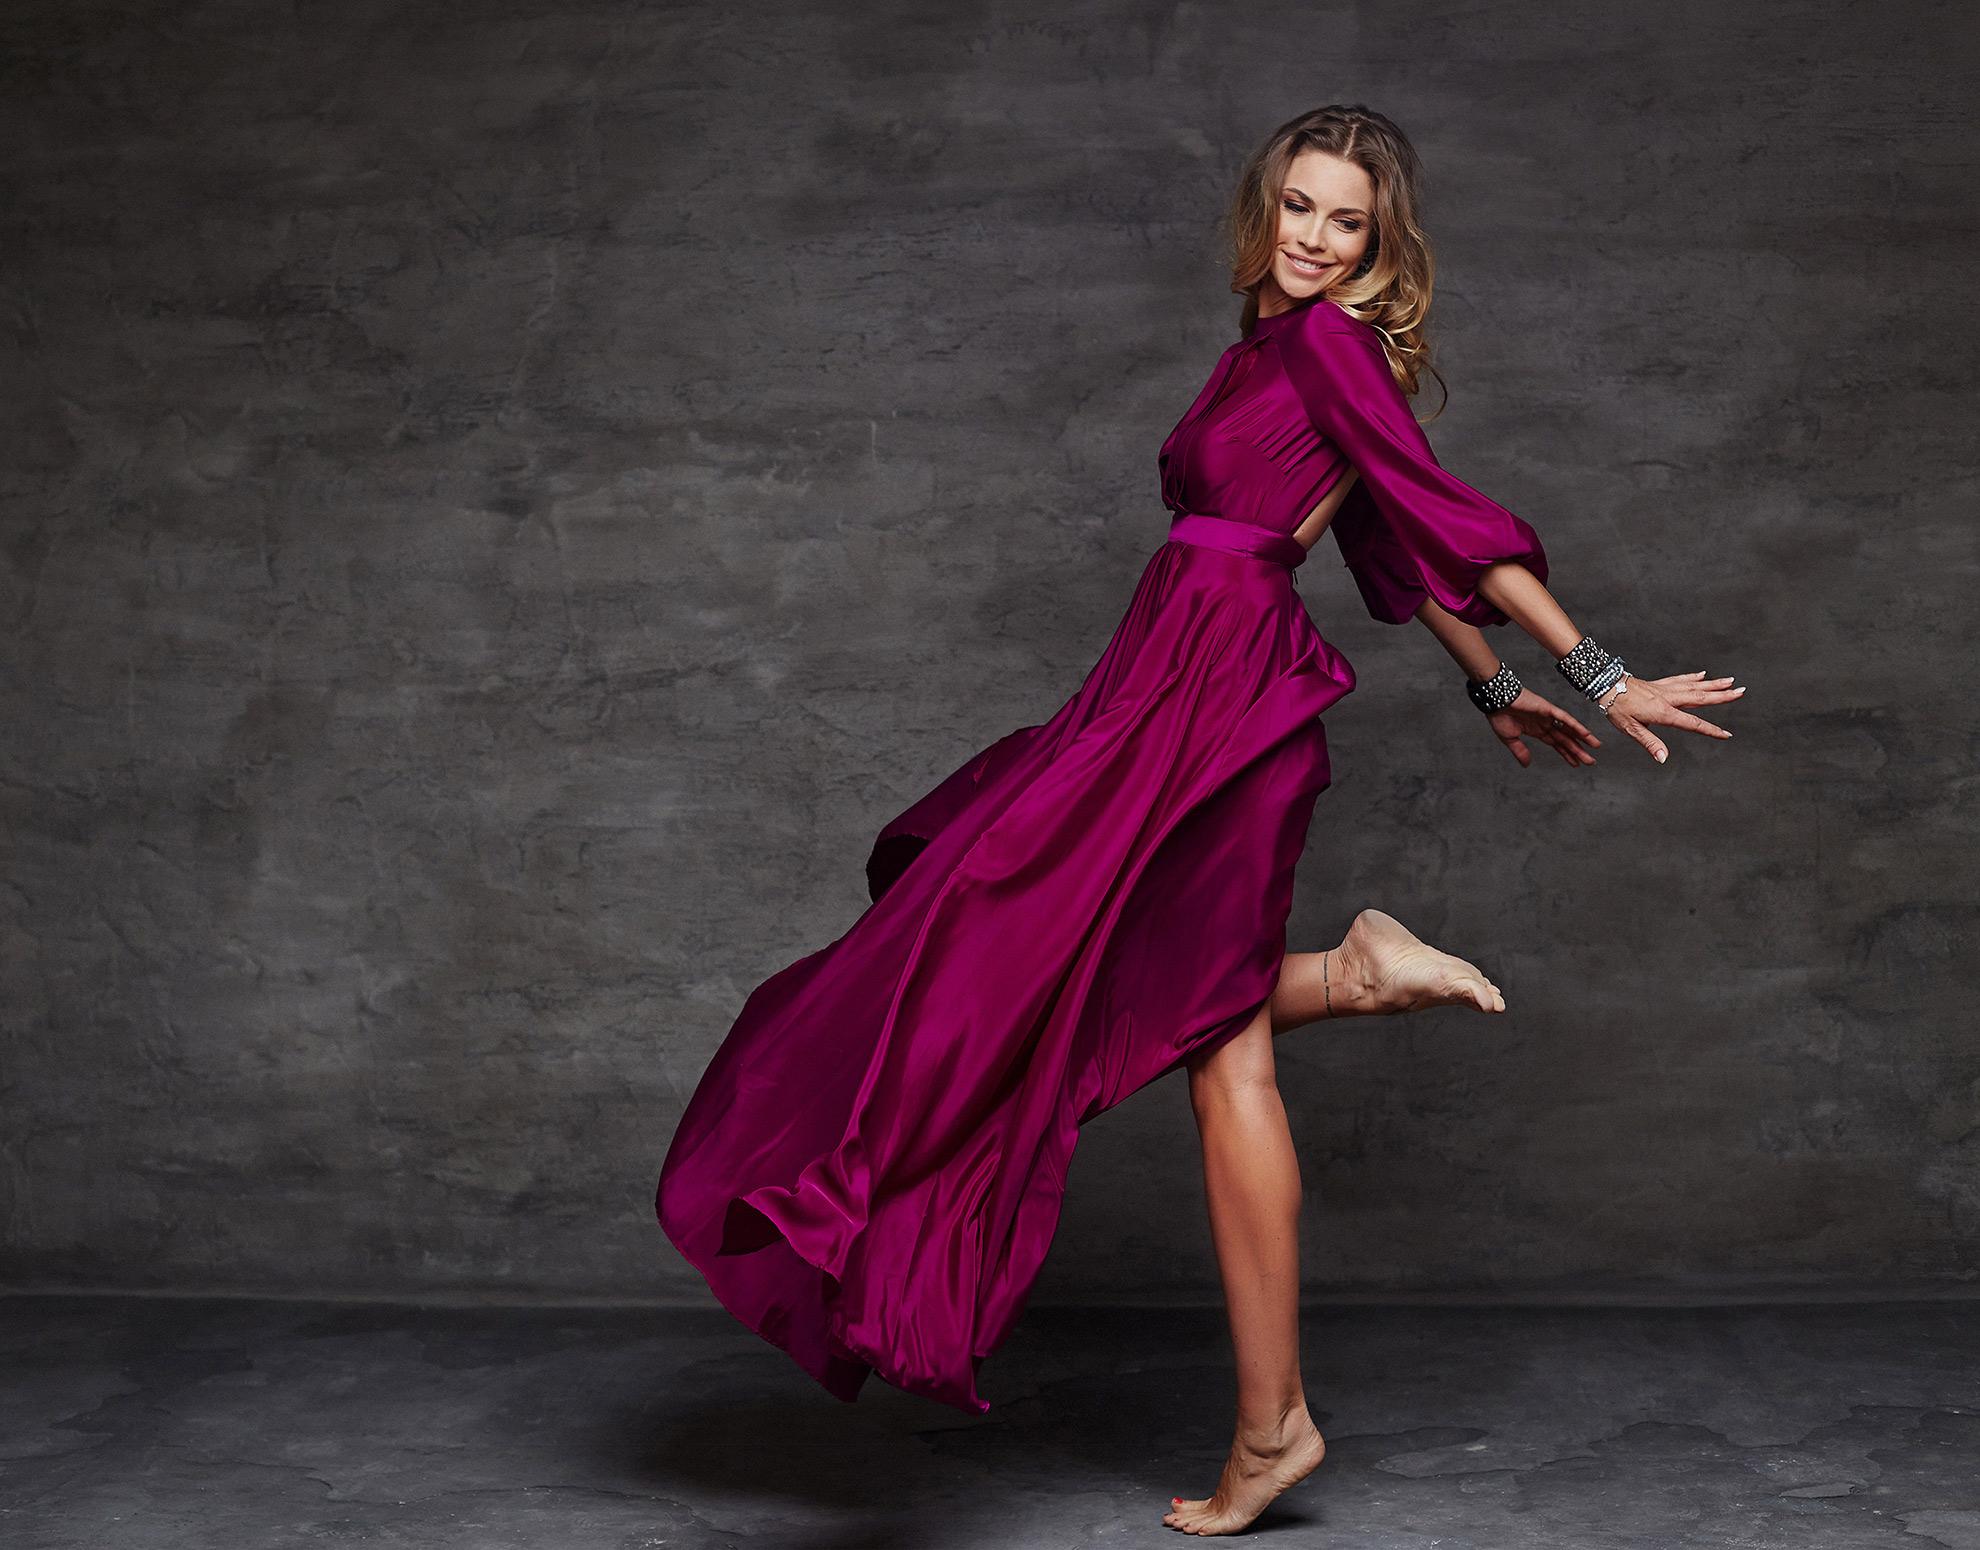 Kobieta w długiej sukience bez butów, ilustracja do artykułu o wybieraniu butów do długich sukienek